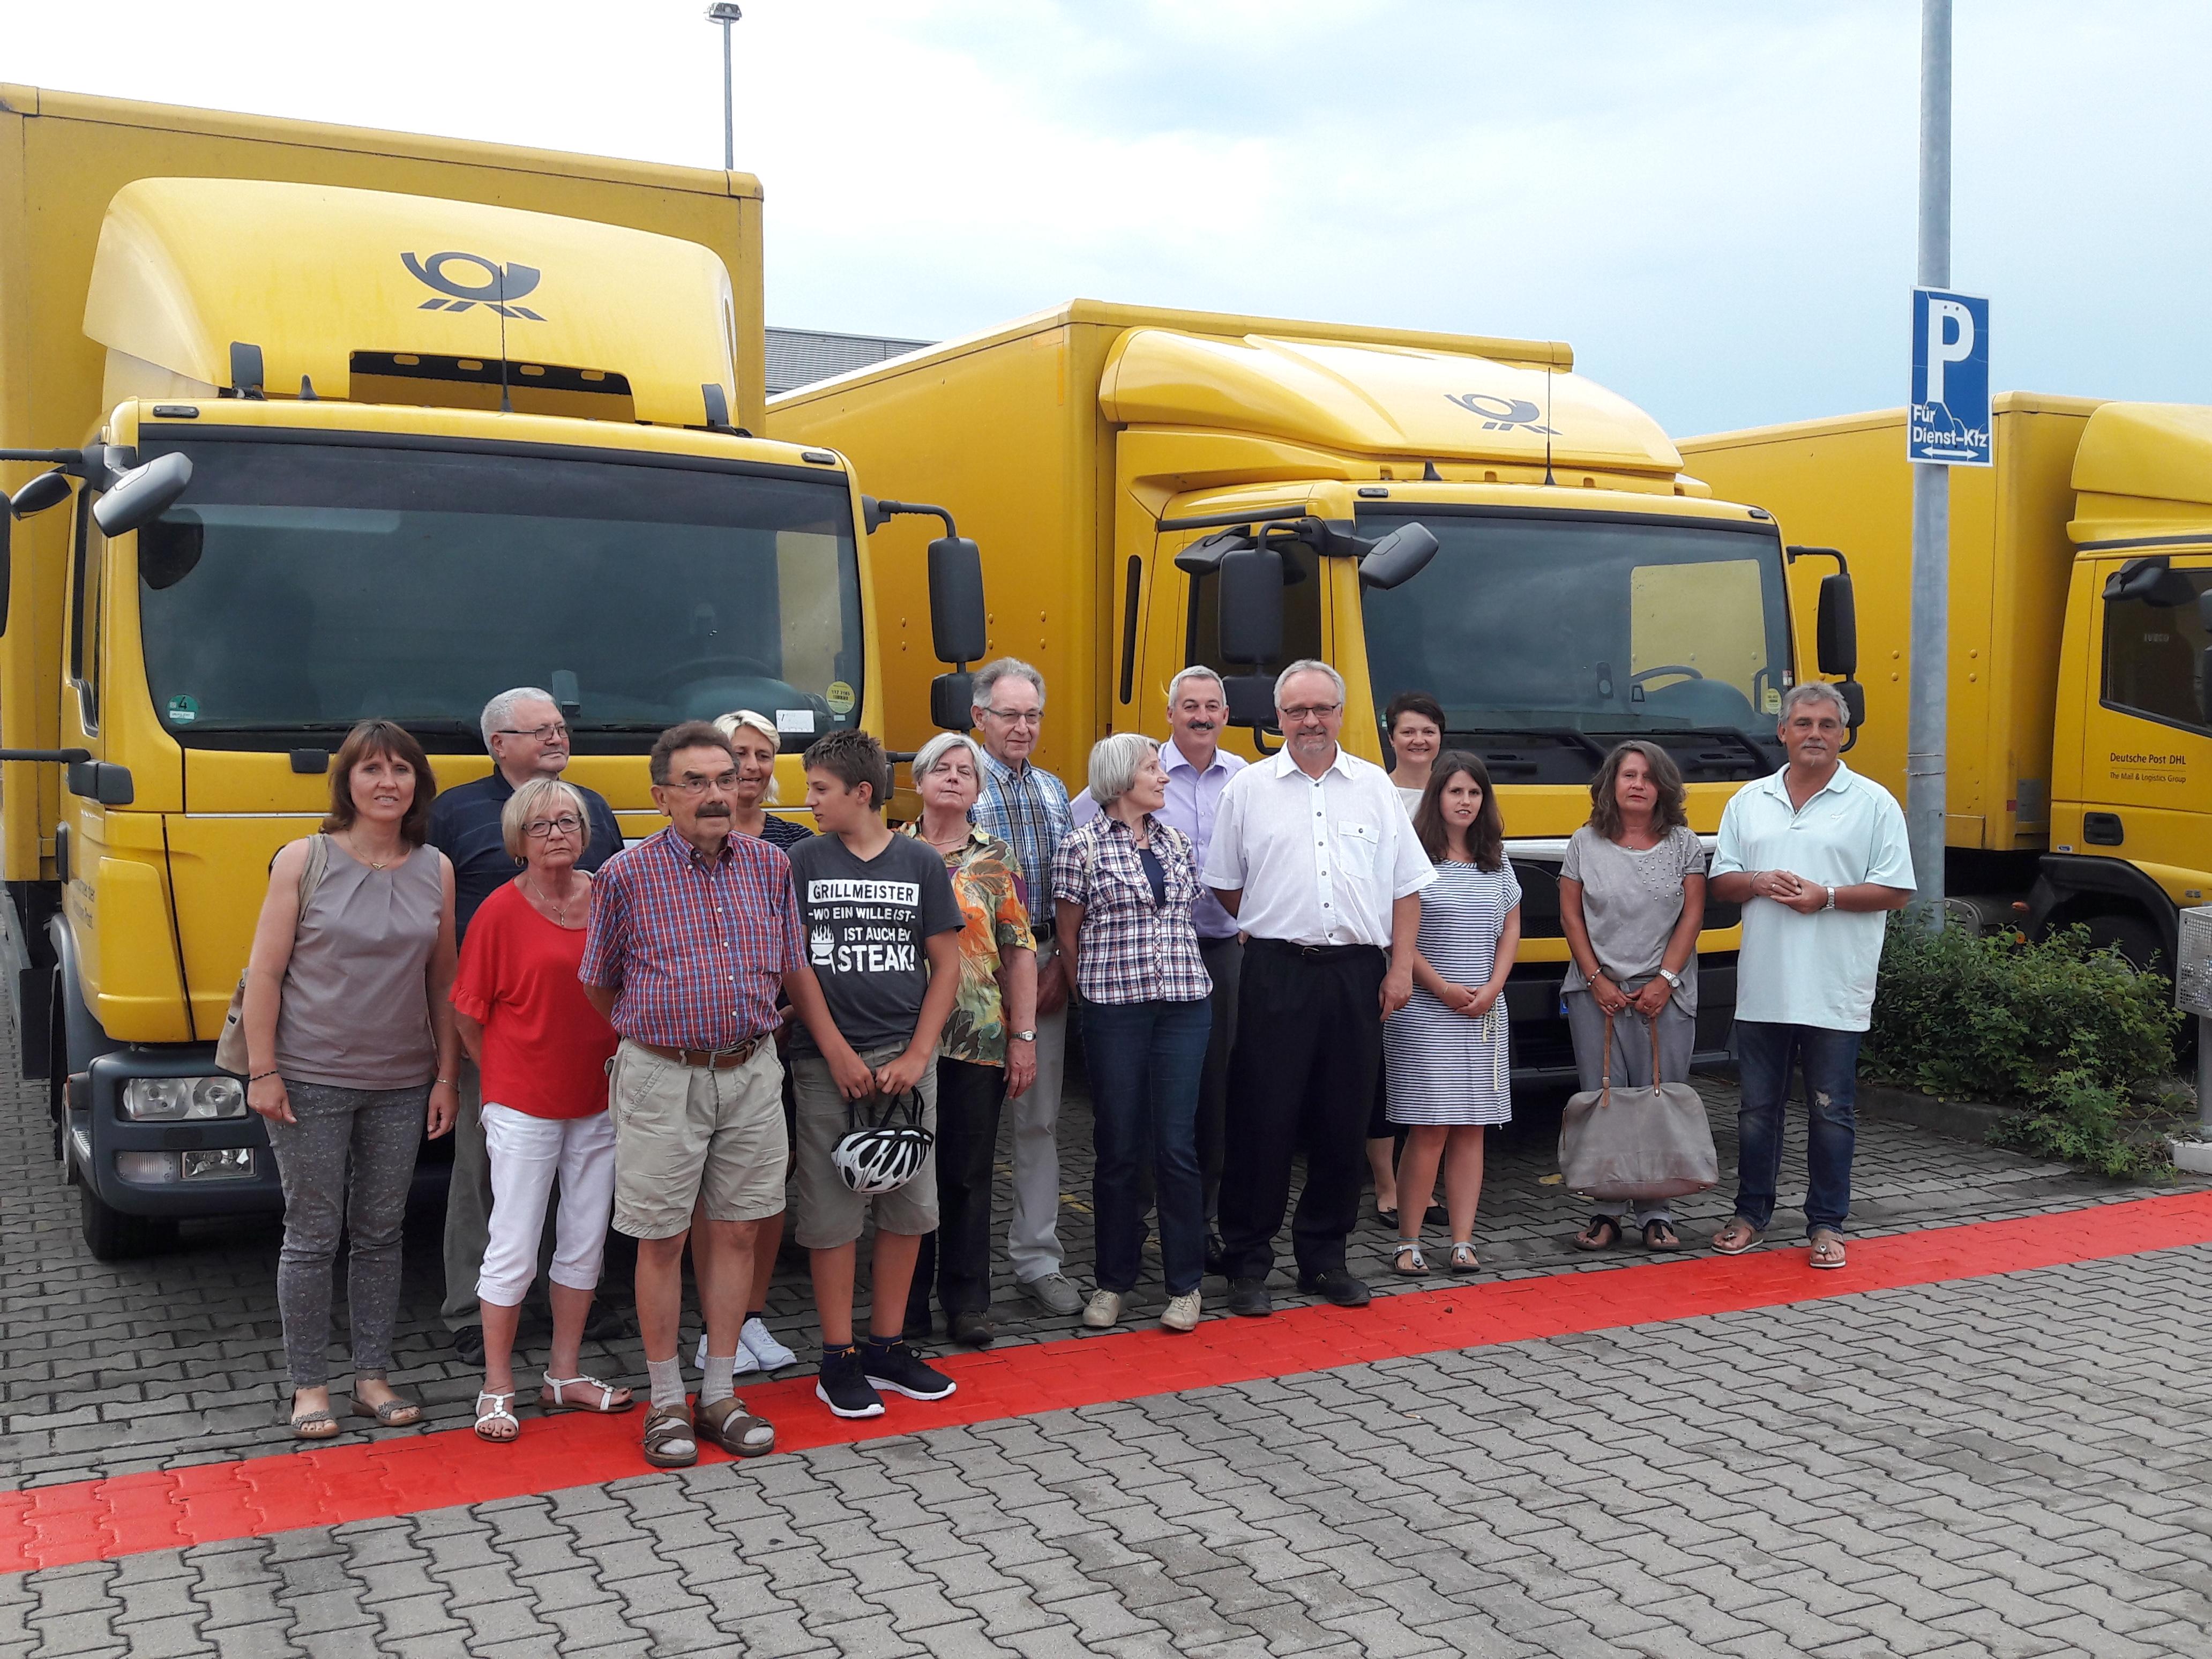 Besuchergruppe von den Postautos. In der Mitte vorne Herr Johannes Streit, dahinter 1. Bürgermeister Roland Schmitt